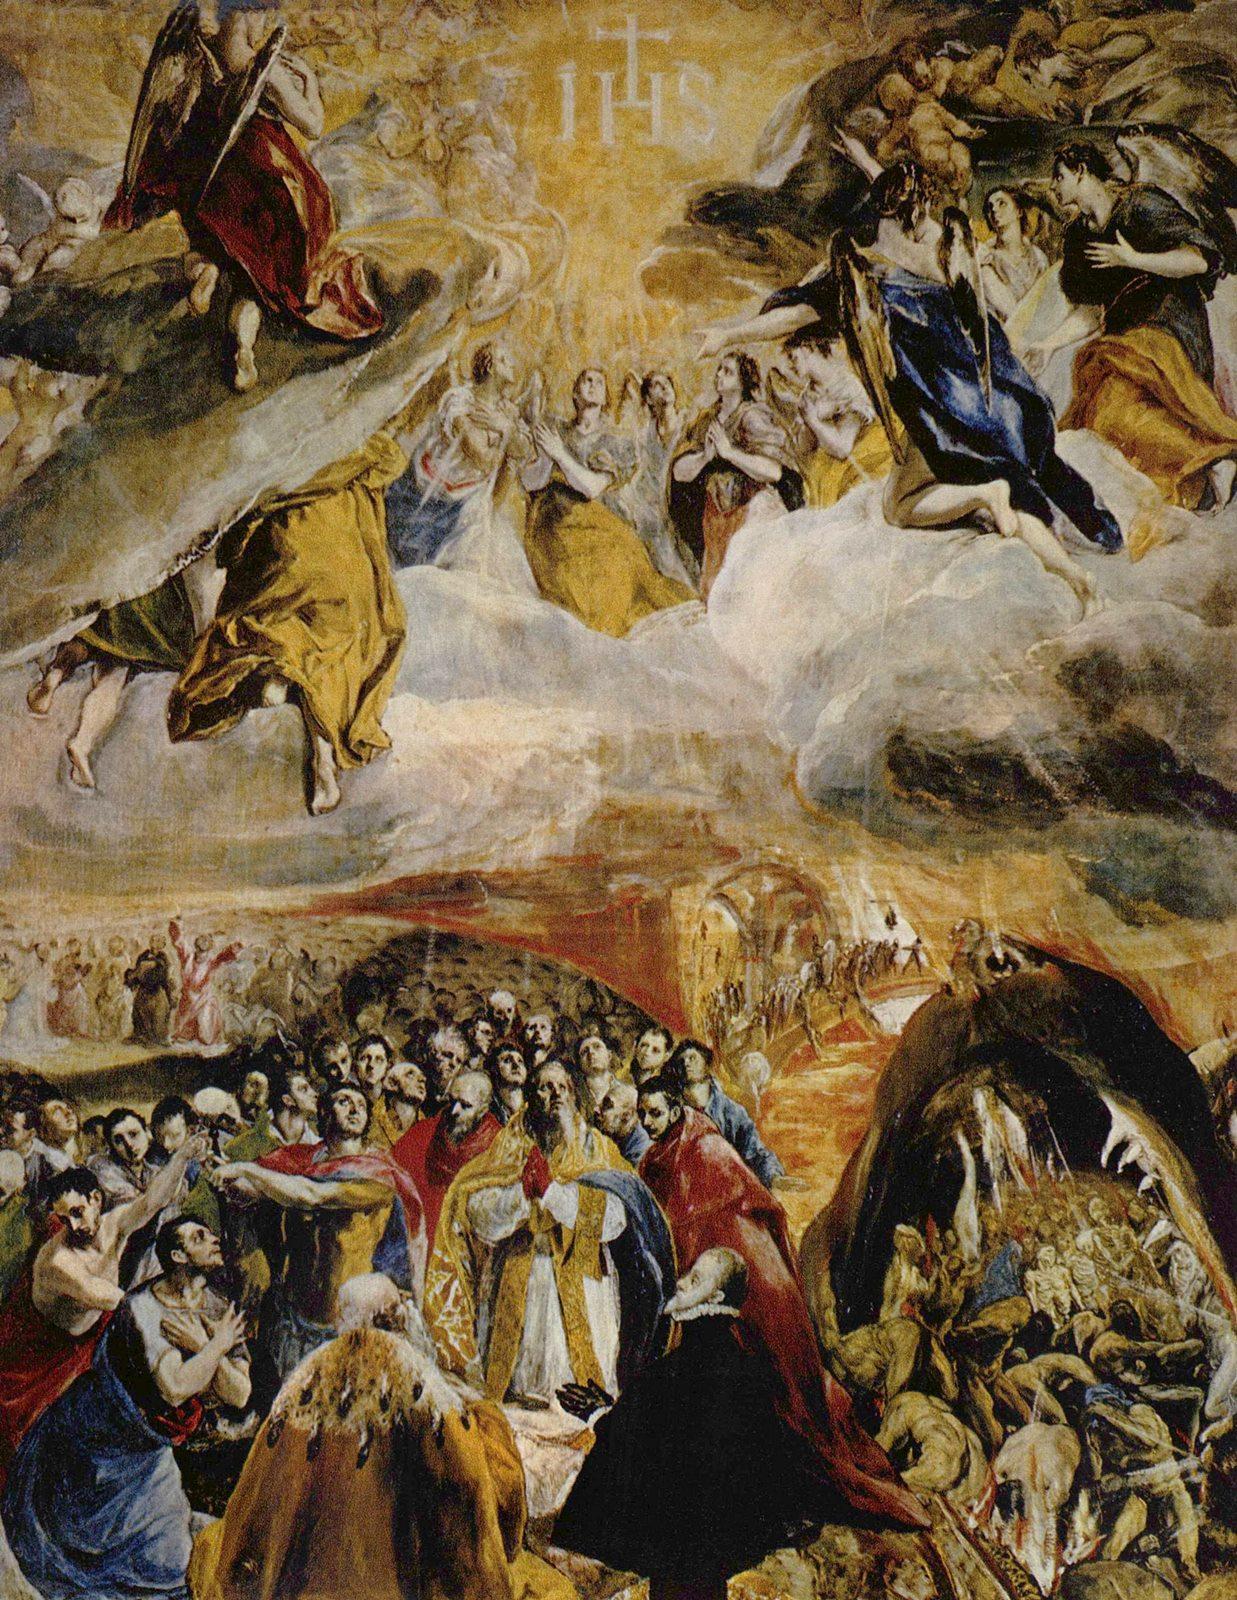 El sueño de Felipe II o Alegoría de la Liga Santa o la Adoración del nombre de Jesús. Real Monasterio de San Lorenzo, El Escorial